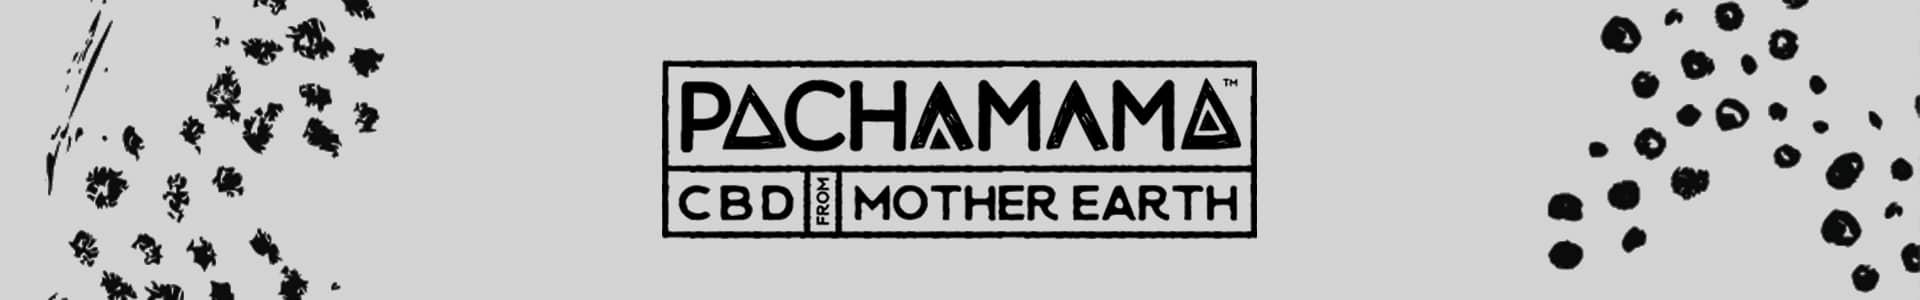 Buy Pachamama CBD Online